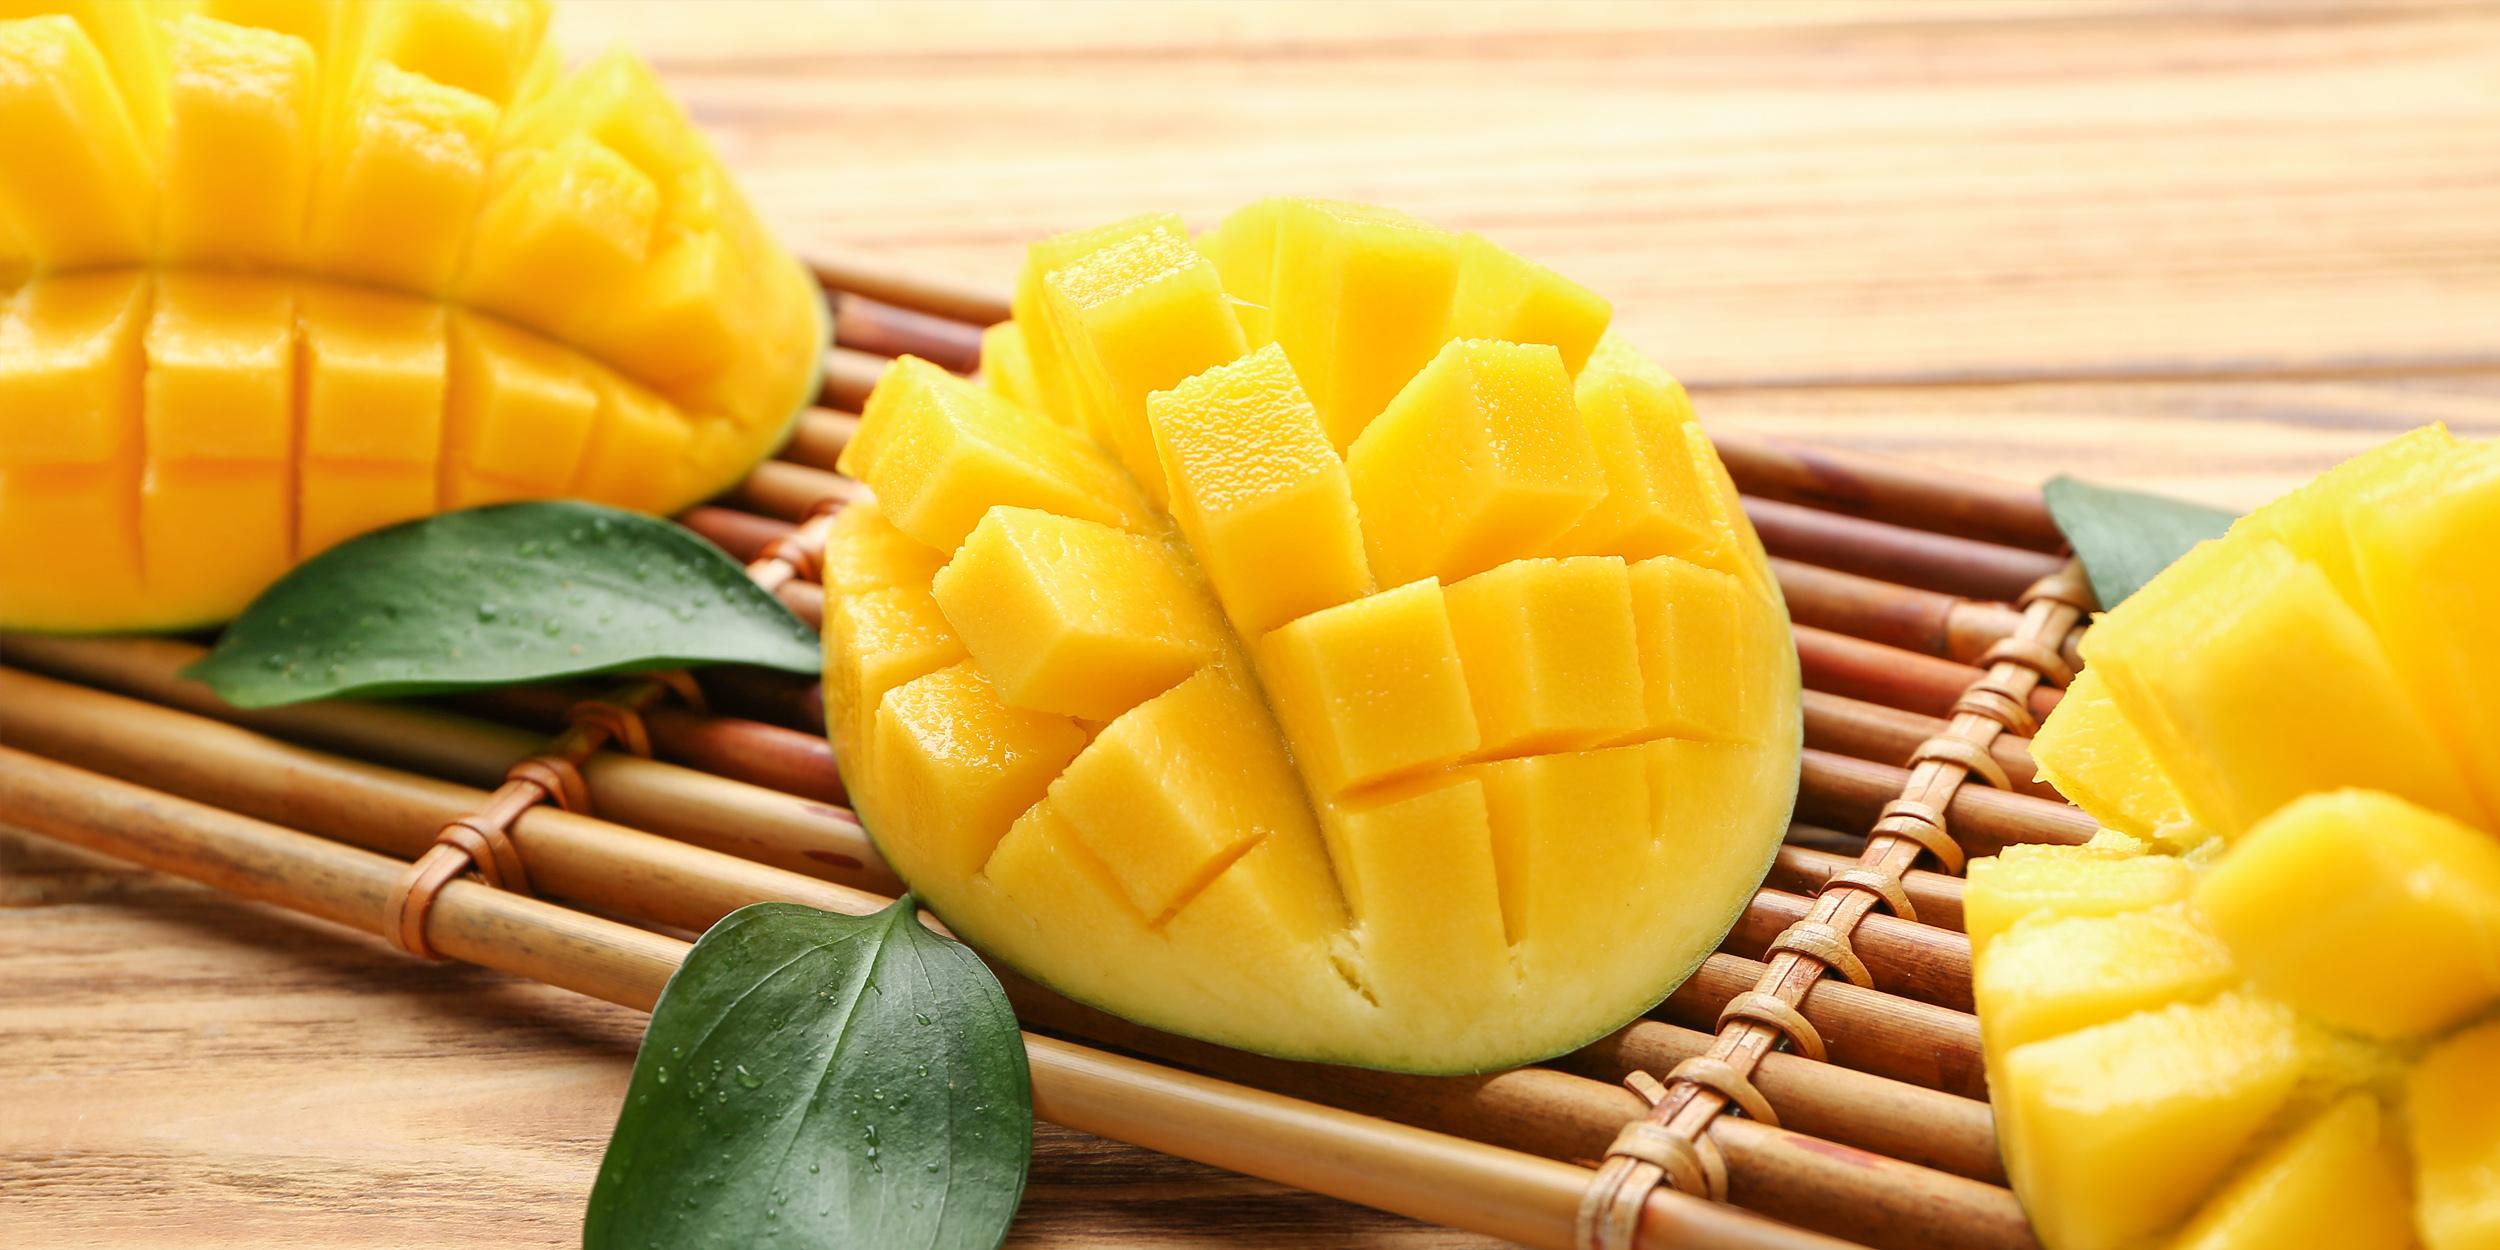 Манго оказался полезным для профилактики рака фруктом